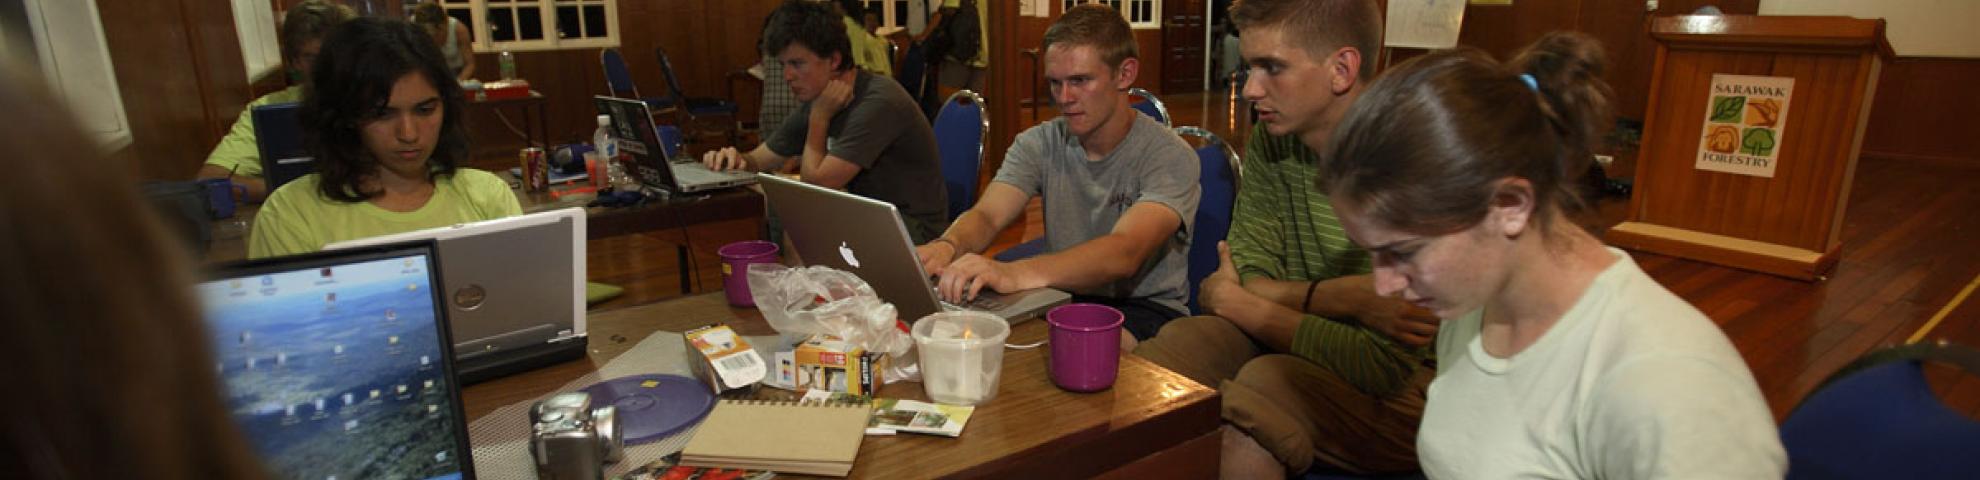 people working HKK